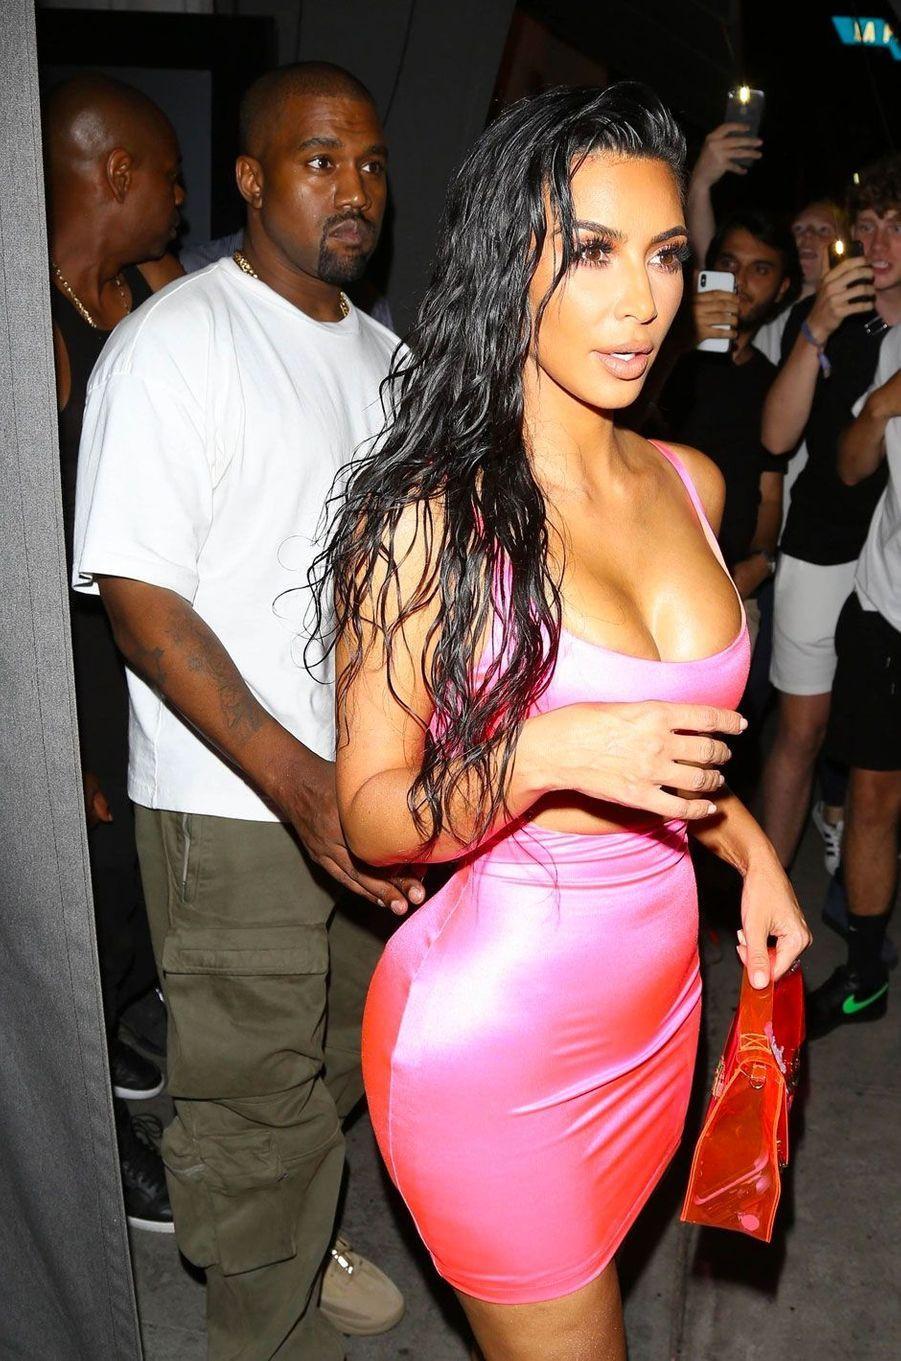 Kim Kardashian et Kanye West à la soirée d'anniversaire de Kylie Jenner le 9 août